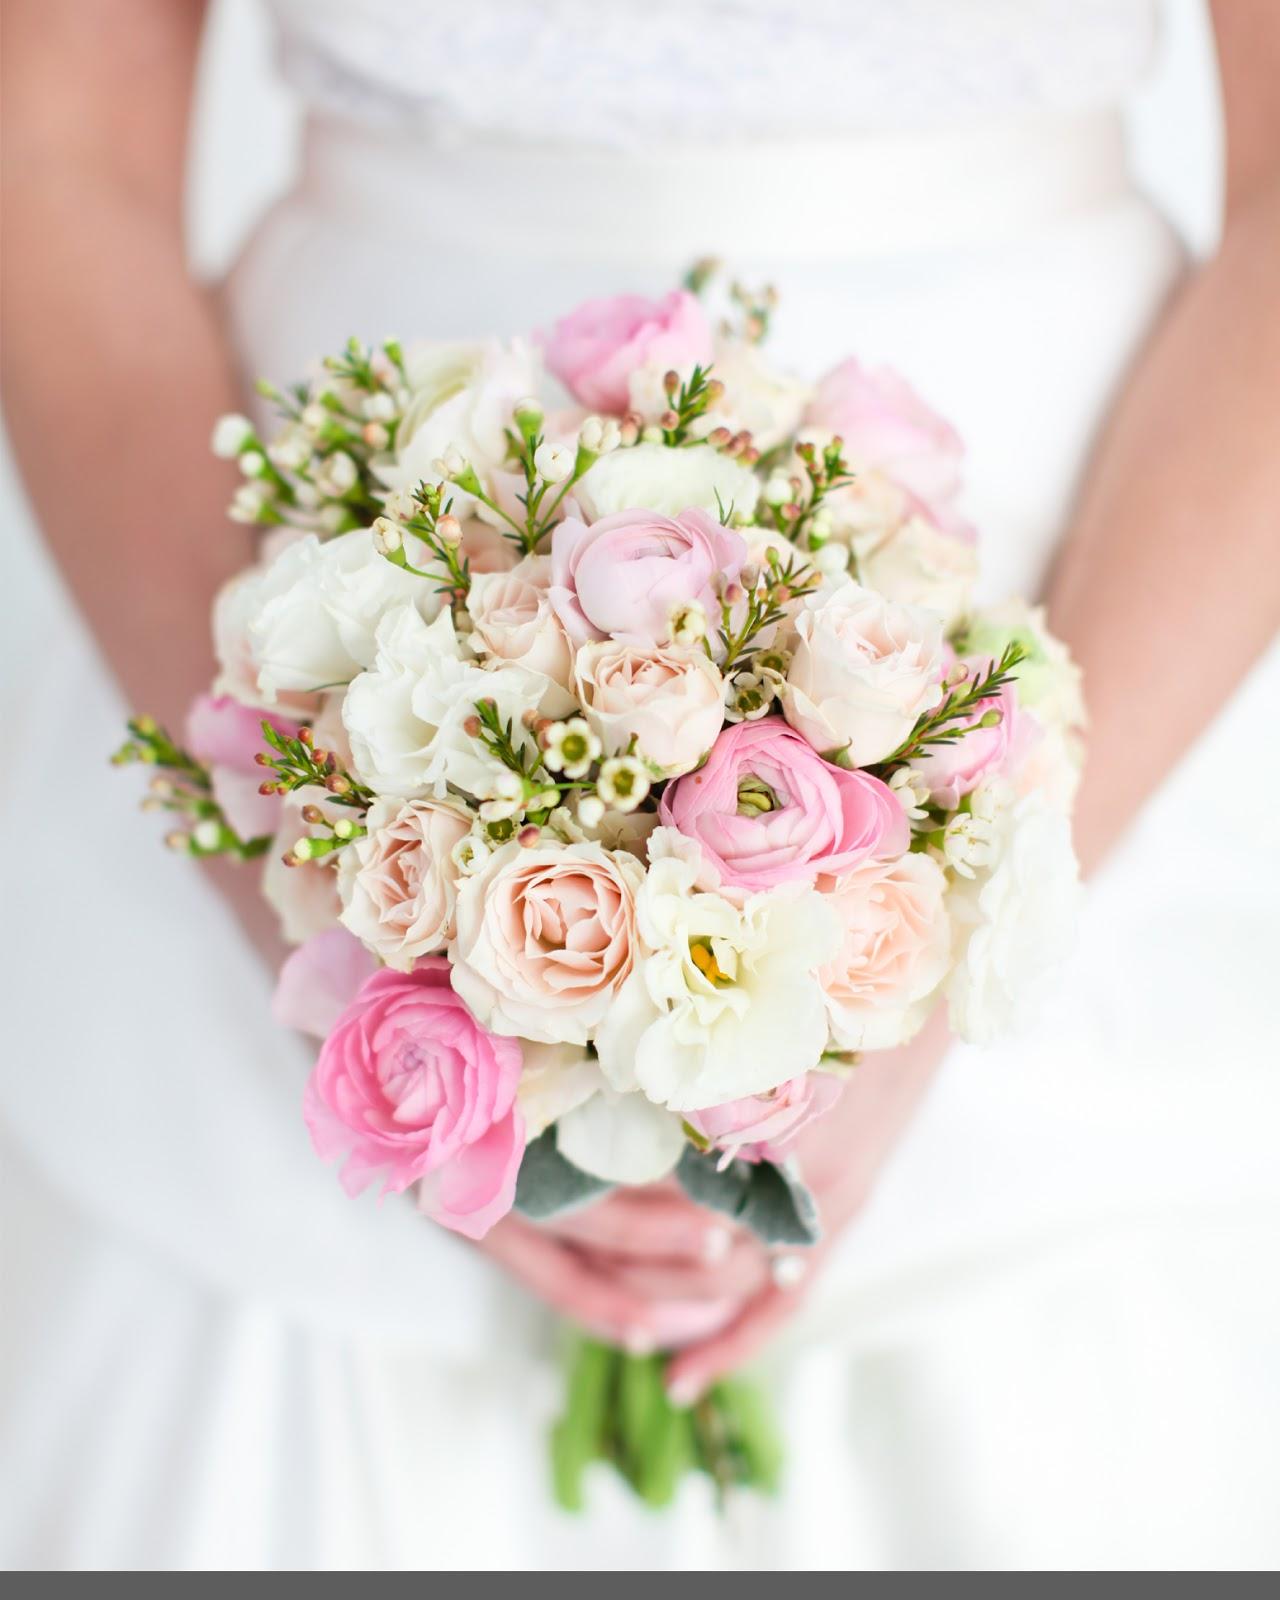 Цветы роз, доставка свадебных букетов недорого